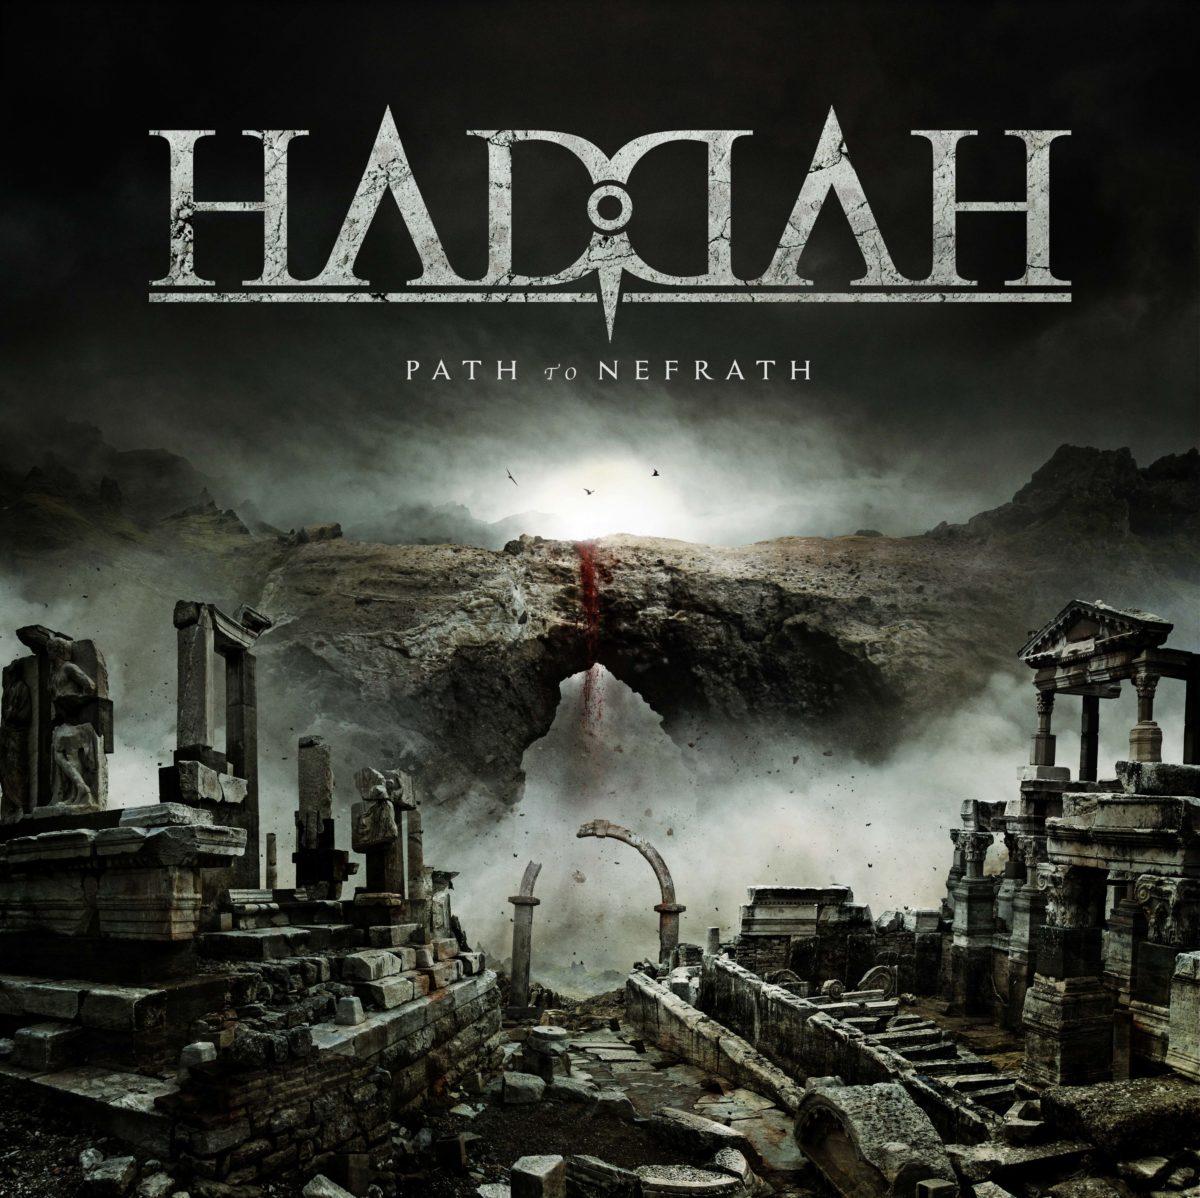 Path To Nefrath (full album)